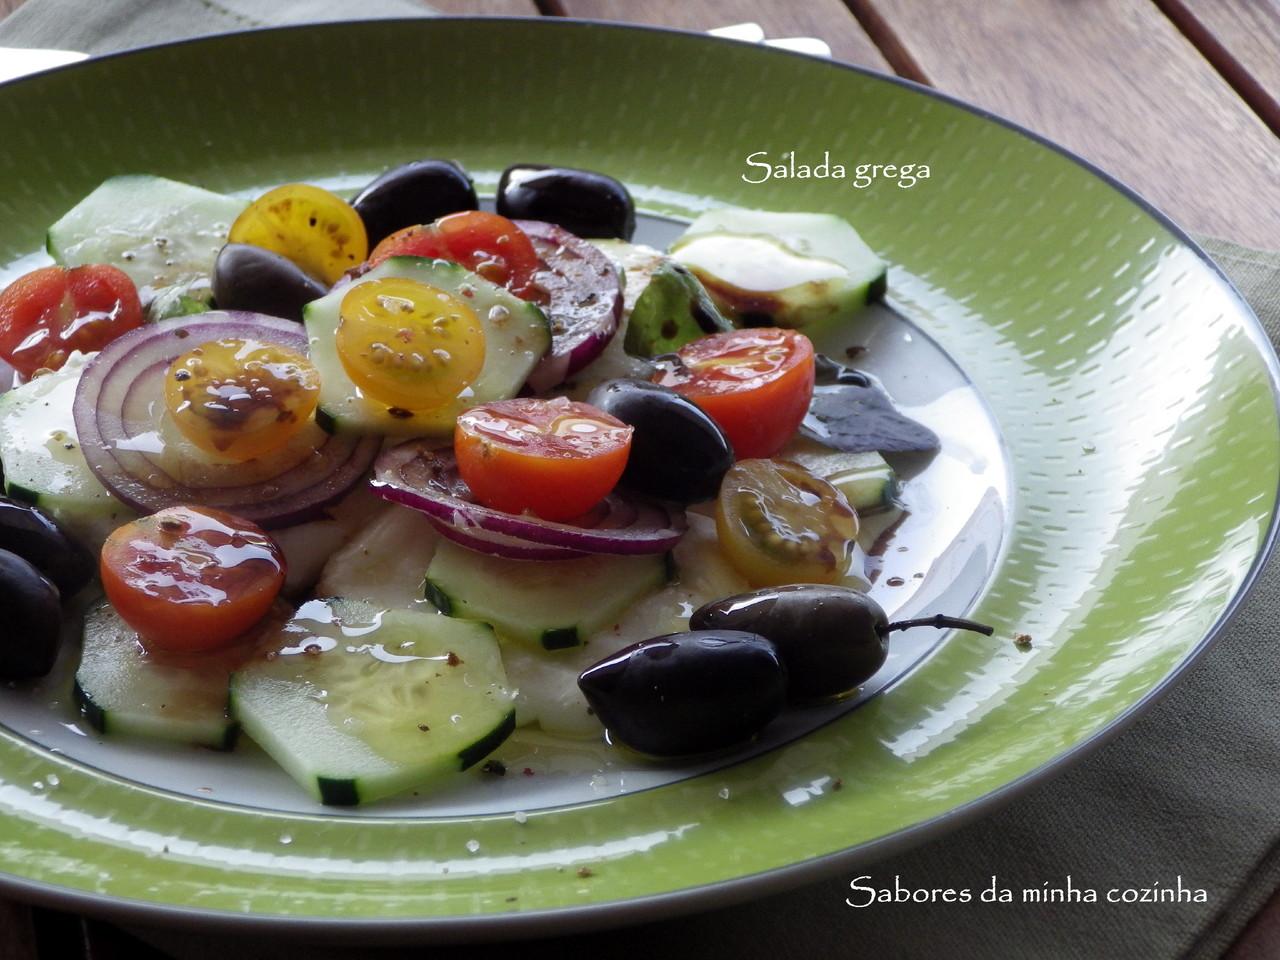 IMGP5021-Salada grega-Blog.JPG